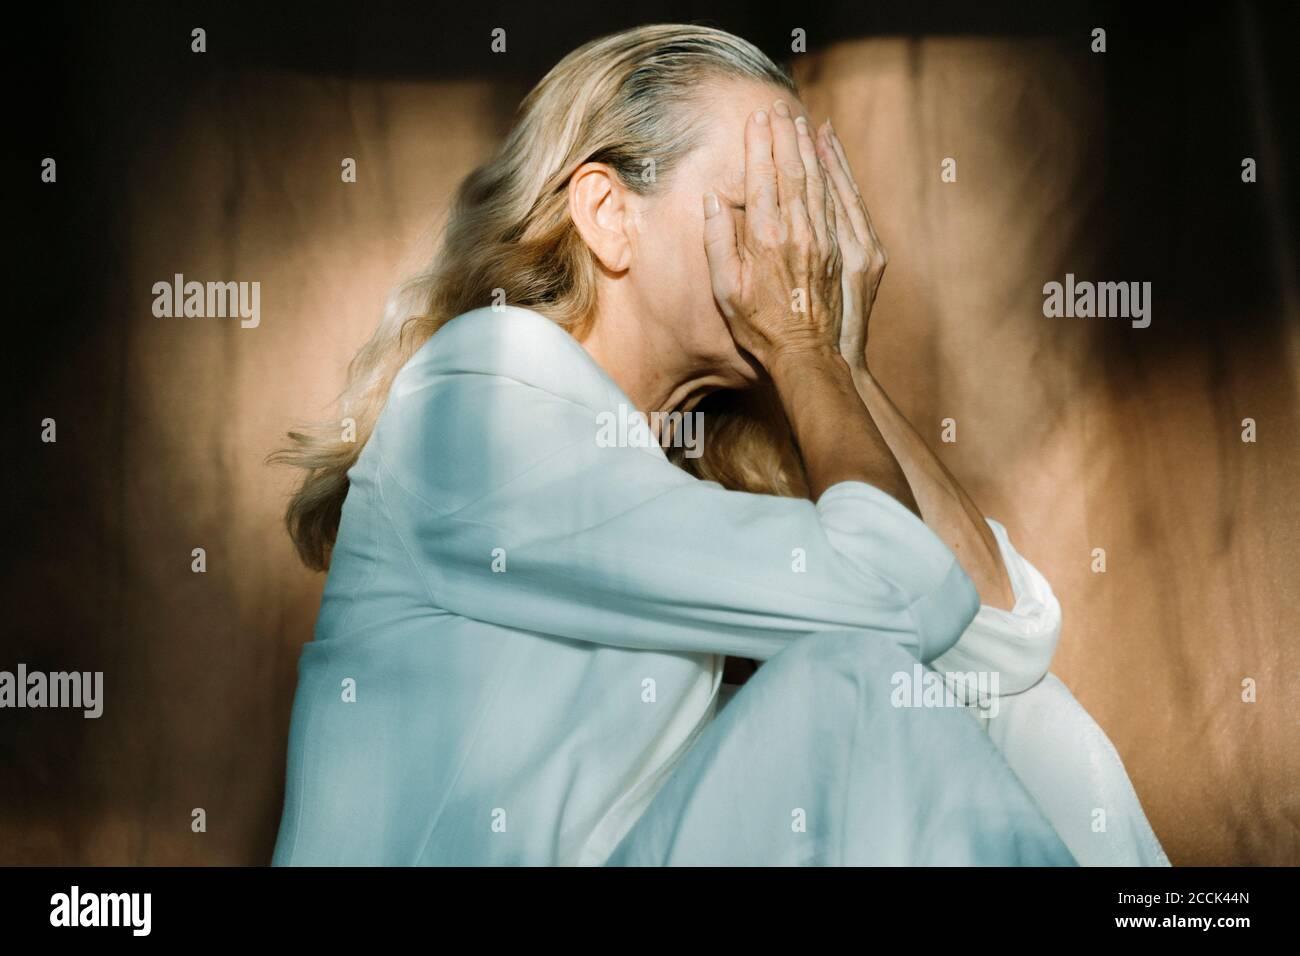 Traurige ältere Frau, die allein sitzt und das Gesicht mit den Händen bedeckt Stockfoto